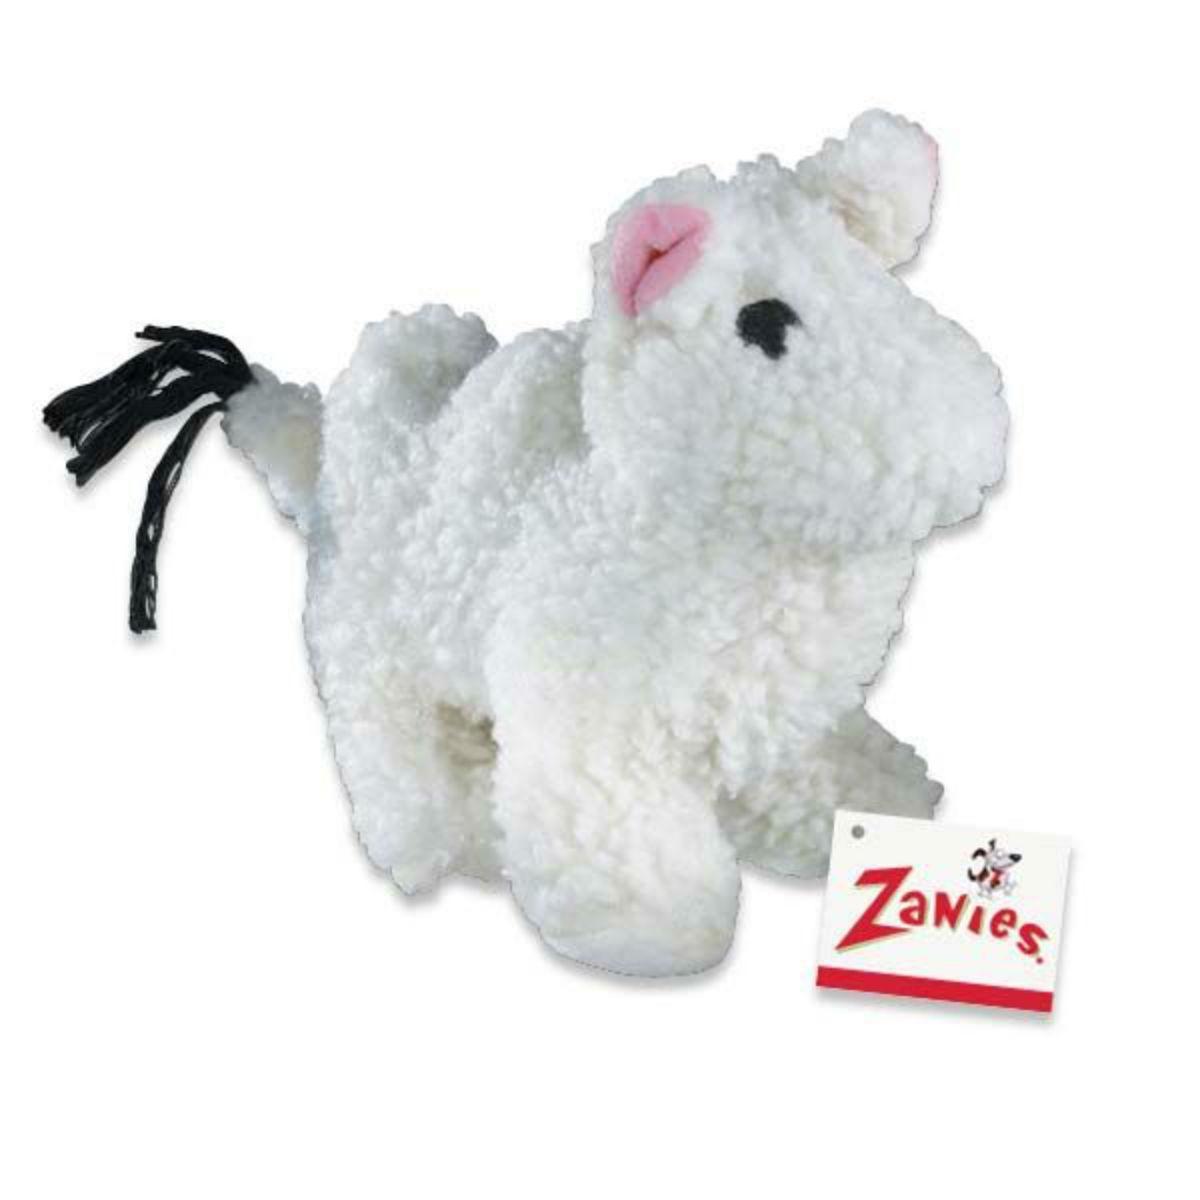 Zanies Fleecy Friends Dog Toy - Camel